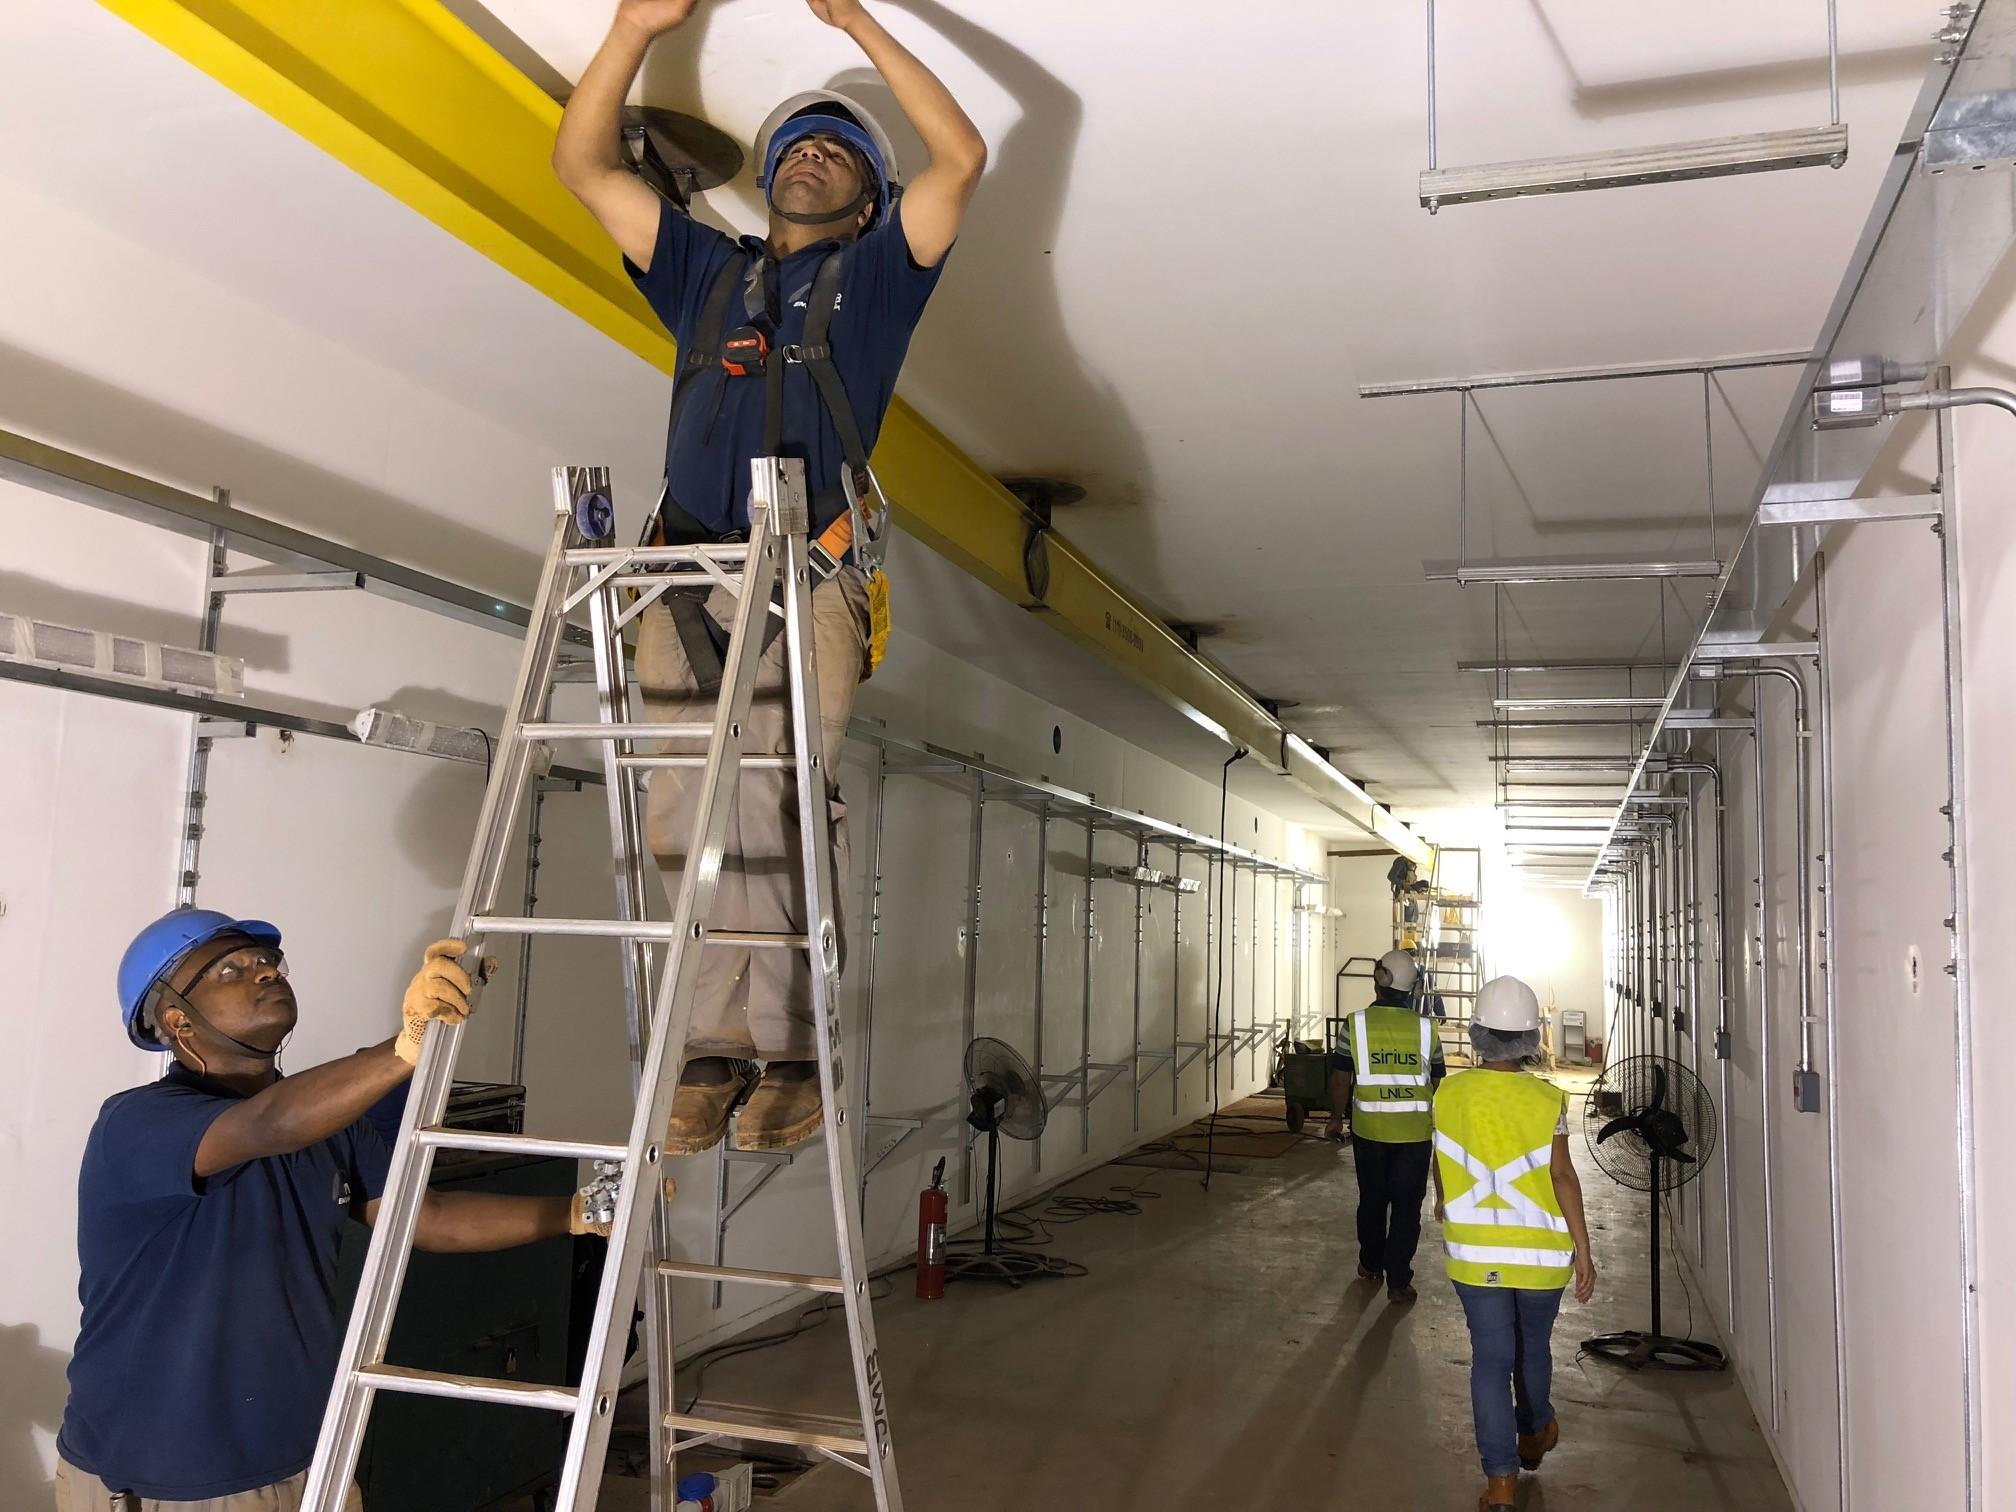 Trabalhadores realizam instalação no prédio do Sirius (Foto: Thiago Tanji)